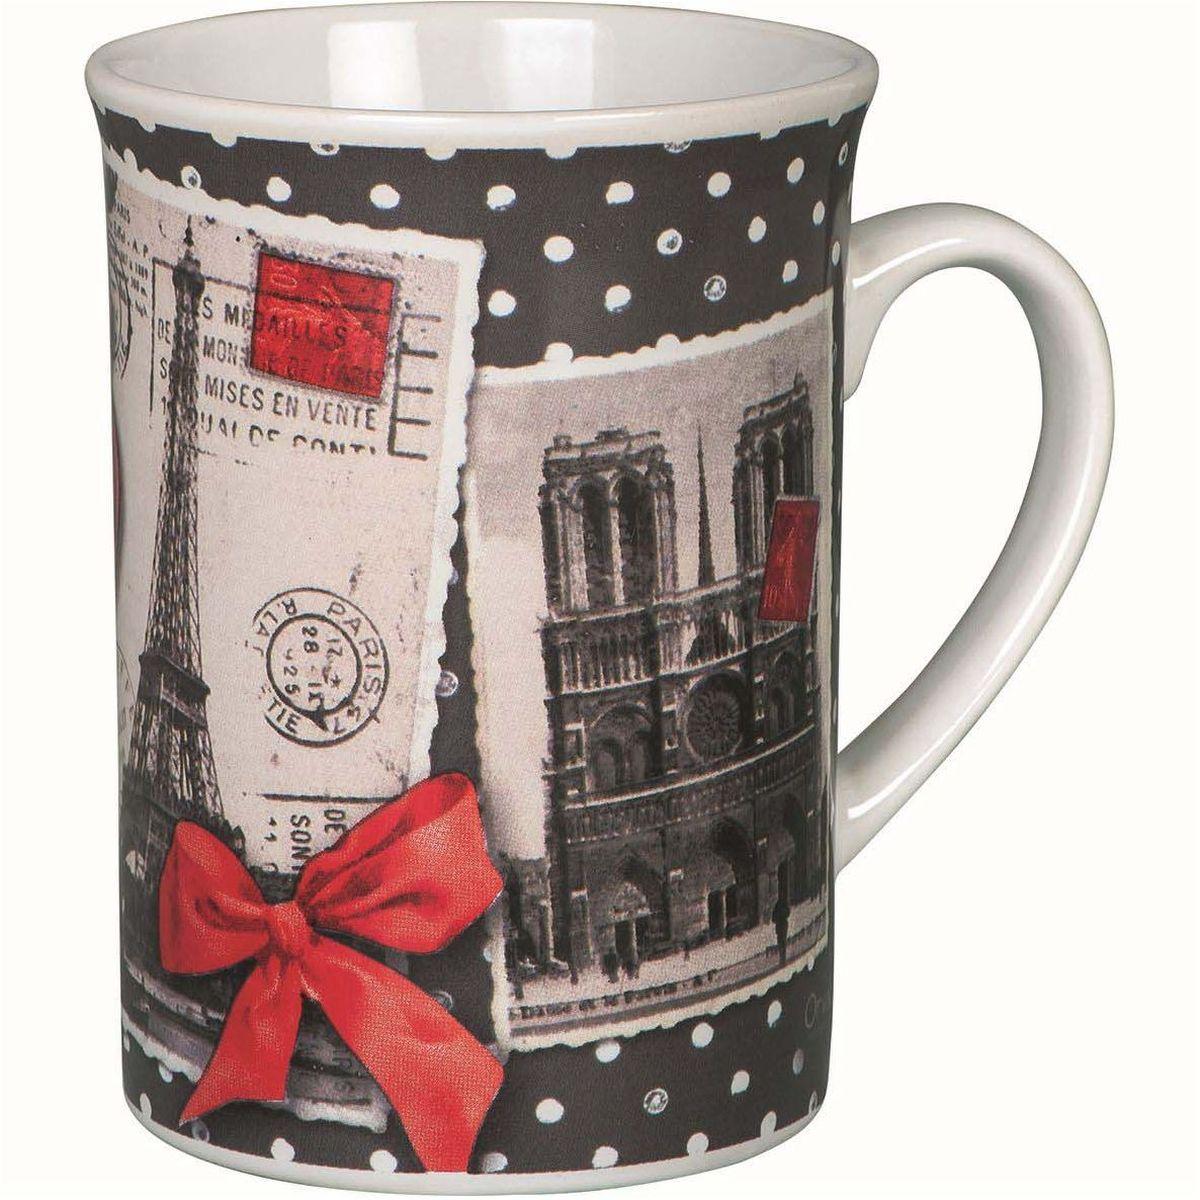 Кружка ORVAL Воспоминания о Париже, 270 млVT-1520(SR)Кружка украсит Ваш ежедневный завтрак или чашку чая или кофе Изящное дополнение к своей столовой посуде